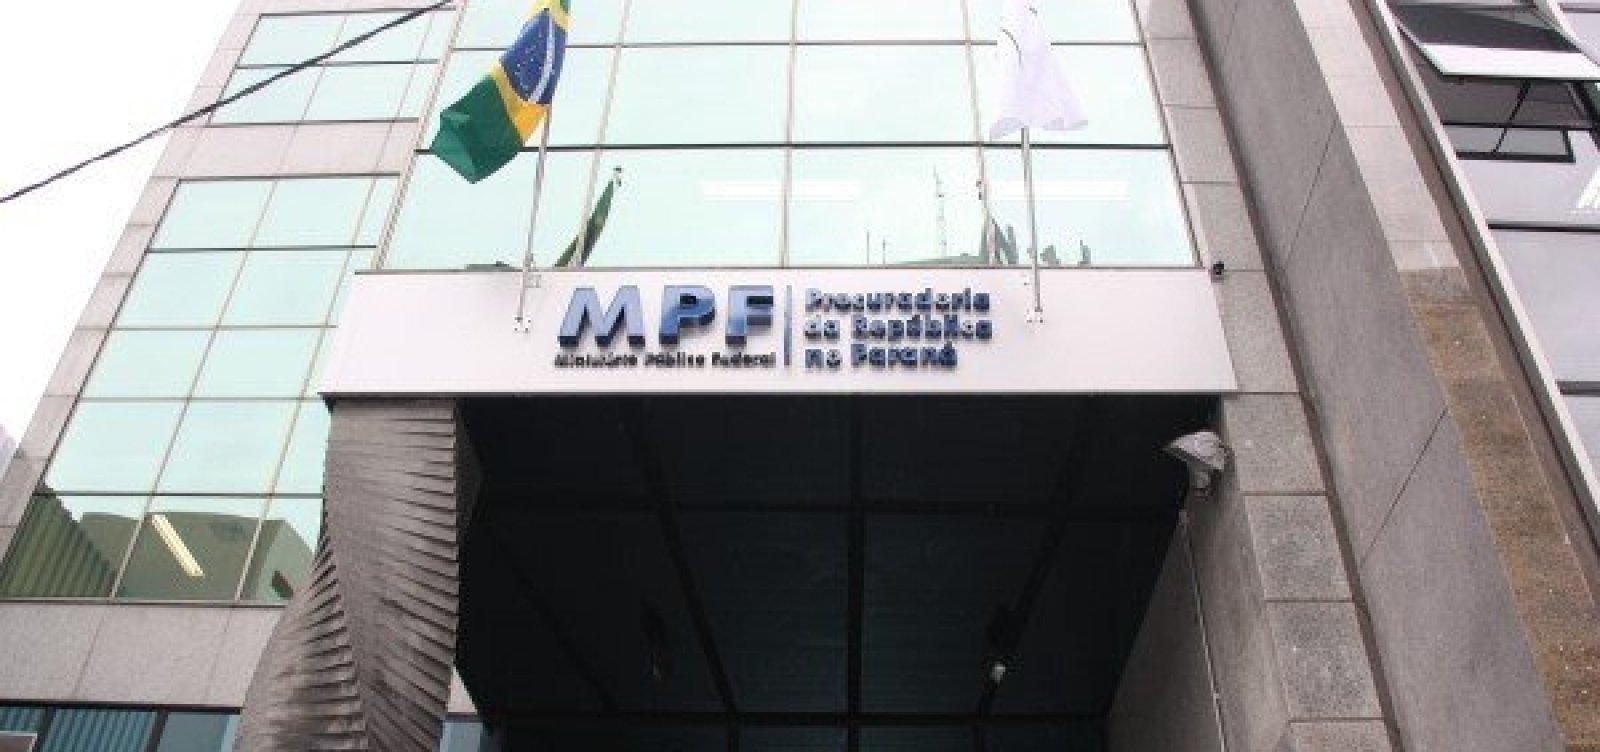 [Lava Jato diz que projeto sobre abuso de autoridade é 'retrocesso' no combate à corrupção]